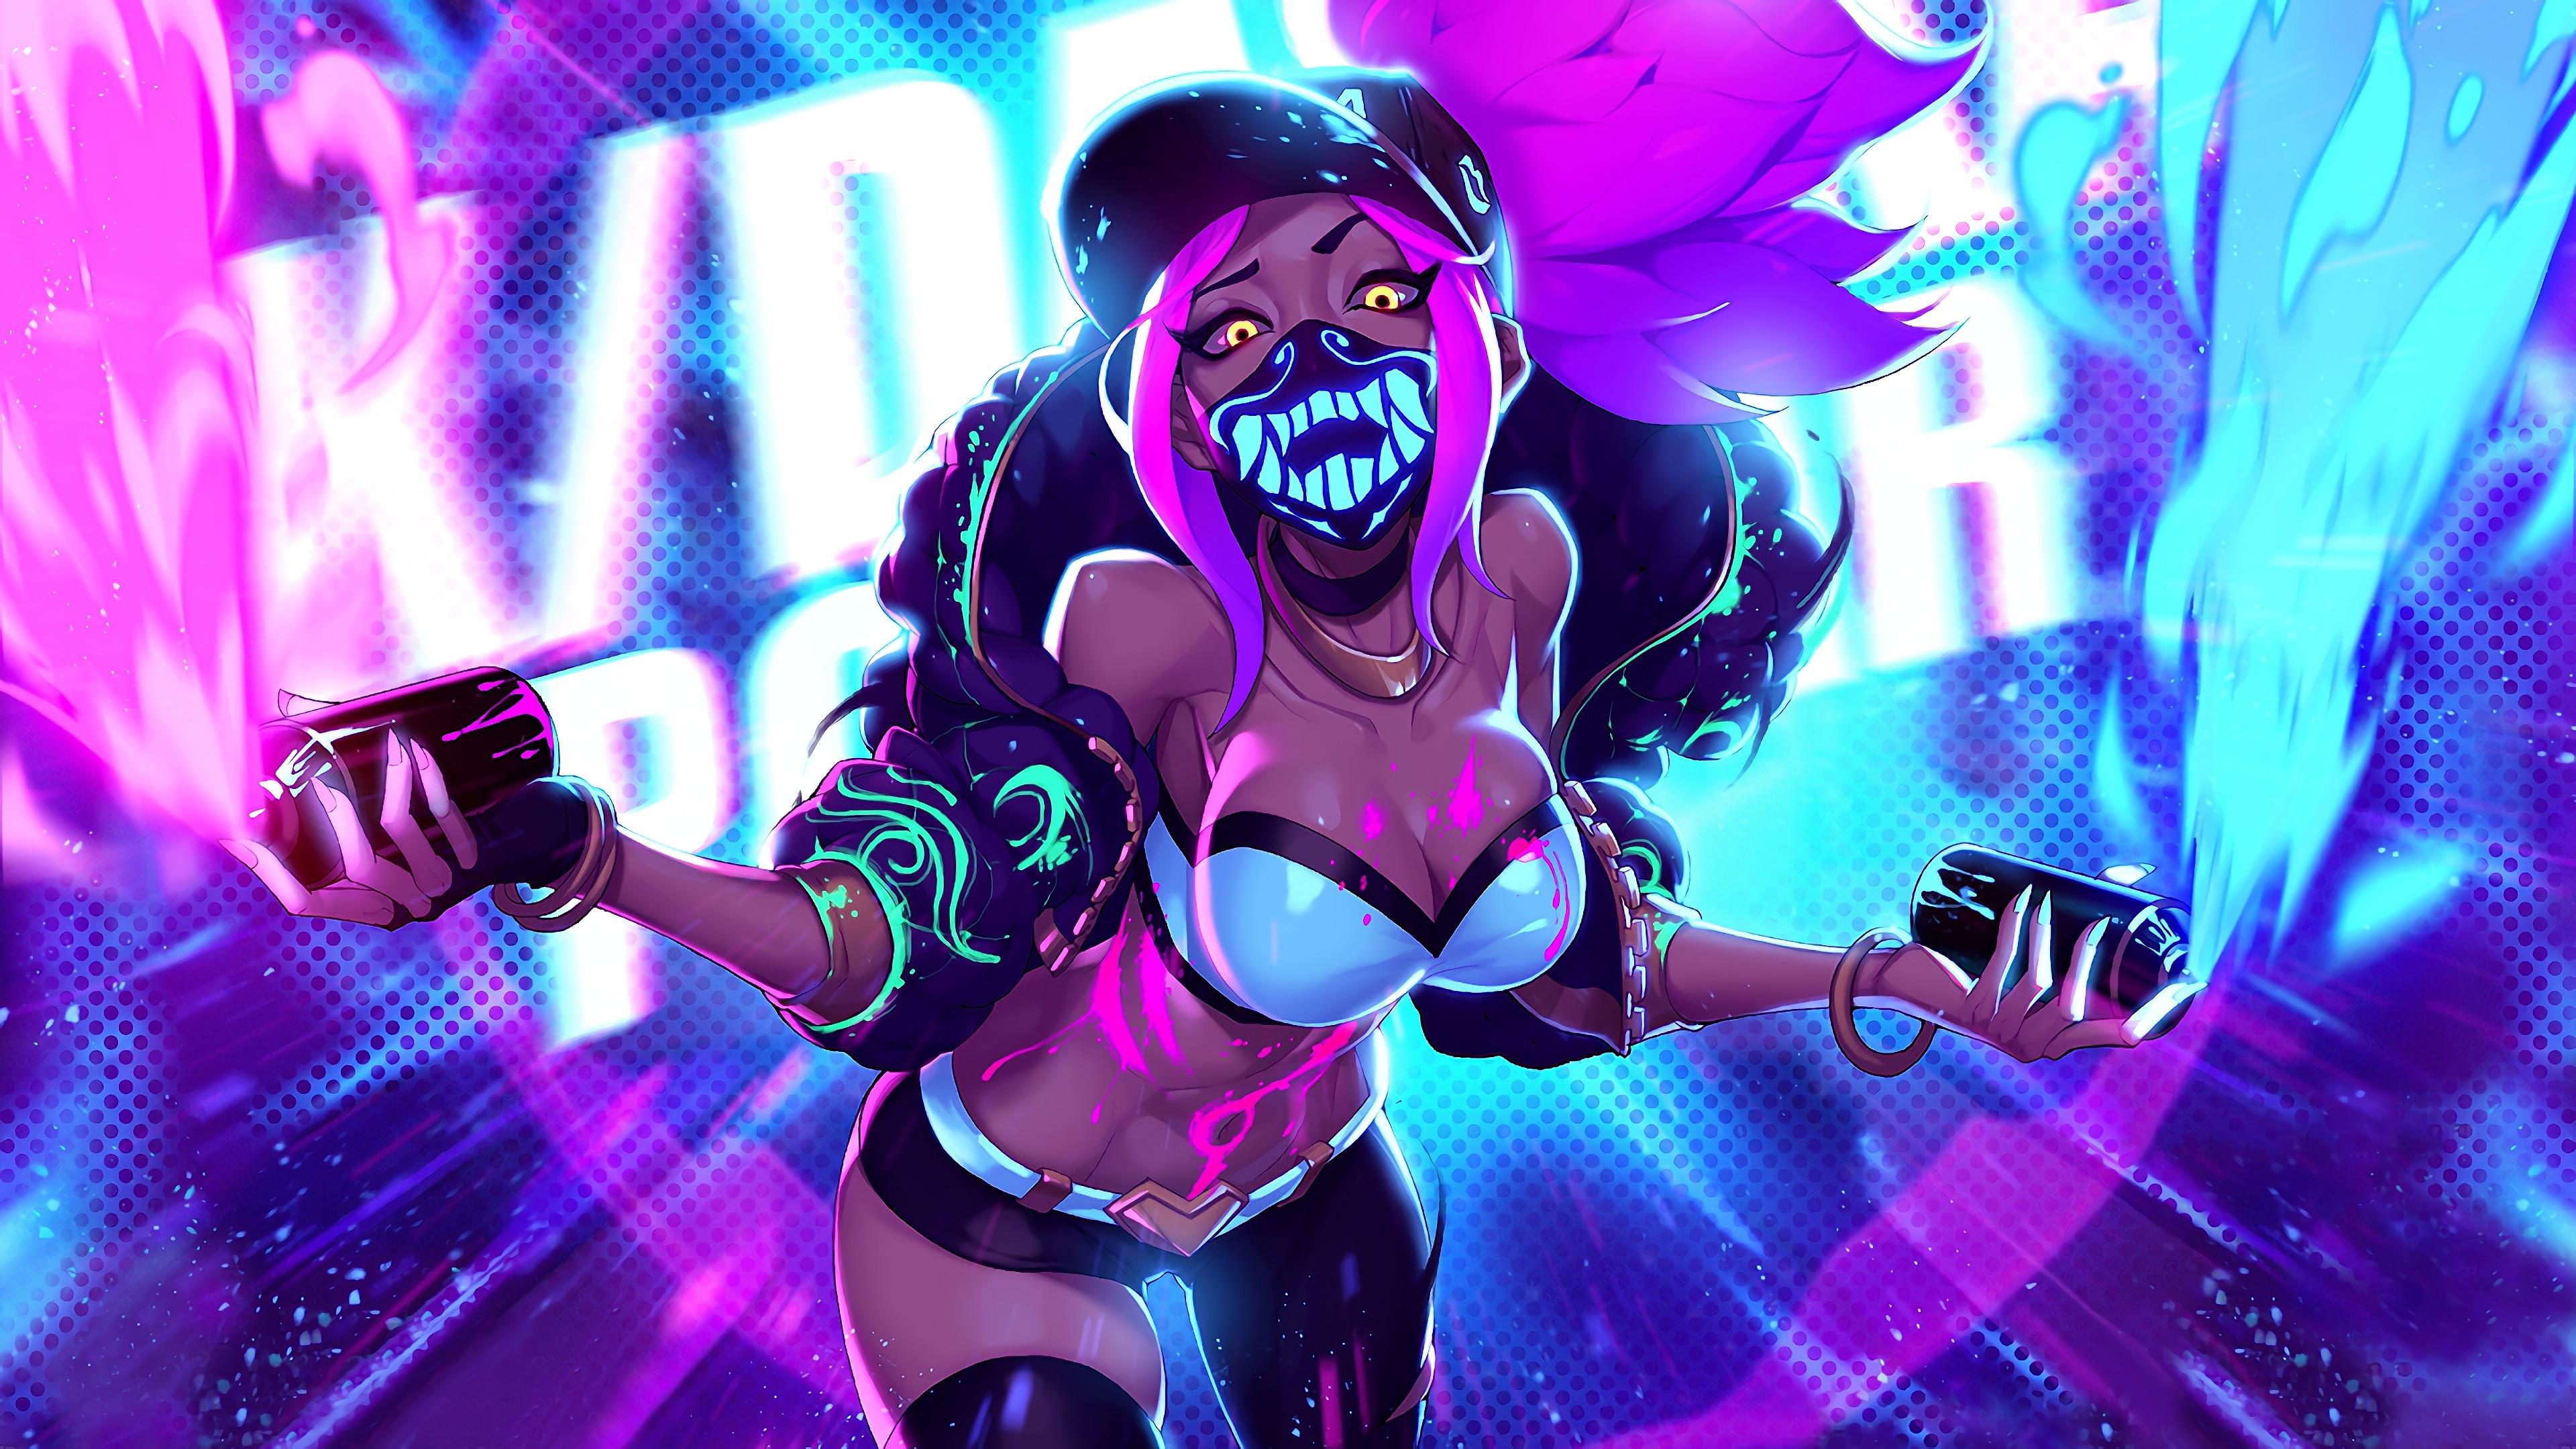 Wallpaper 4k K Da Akali Neon Mask Lol League Of Legends Lol Akali